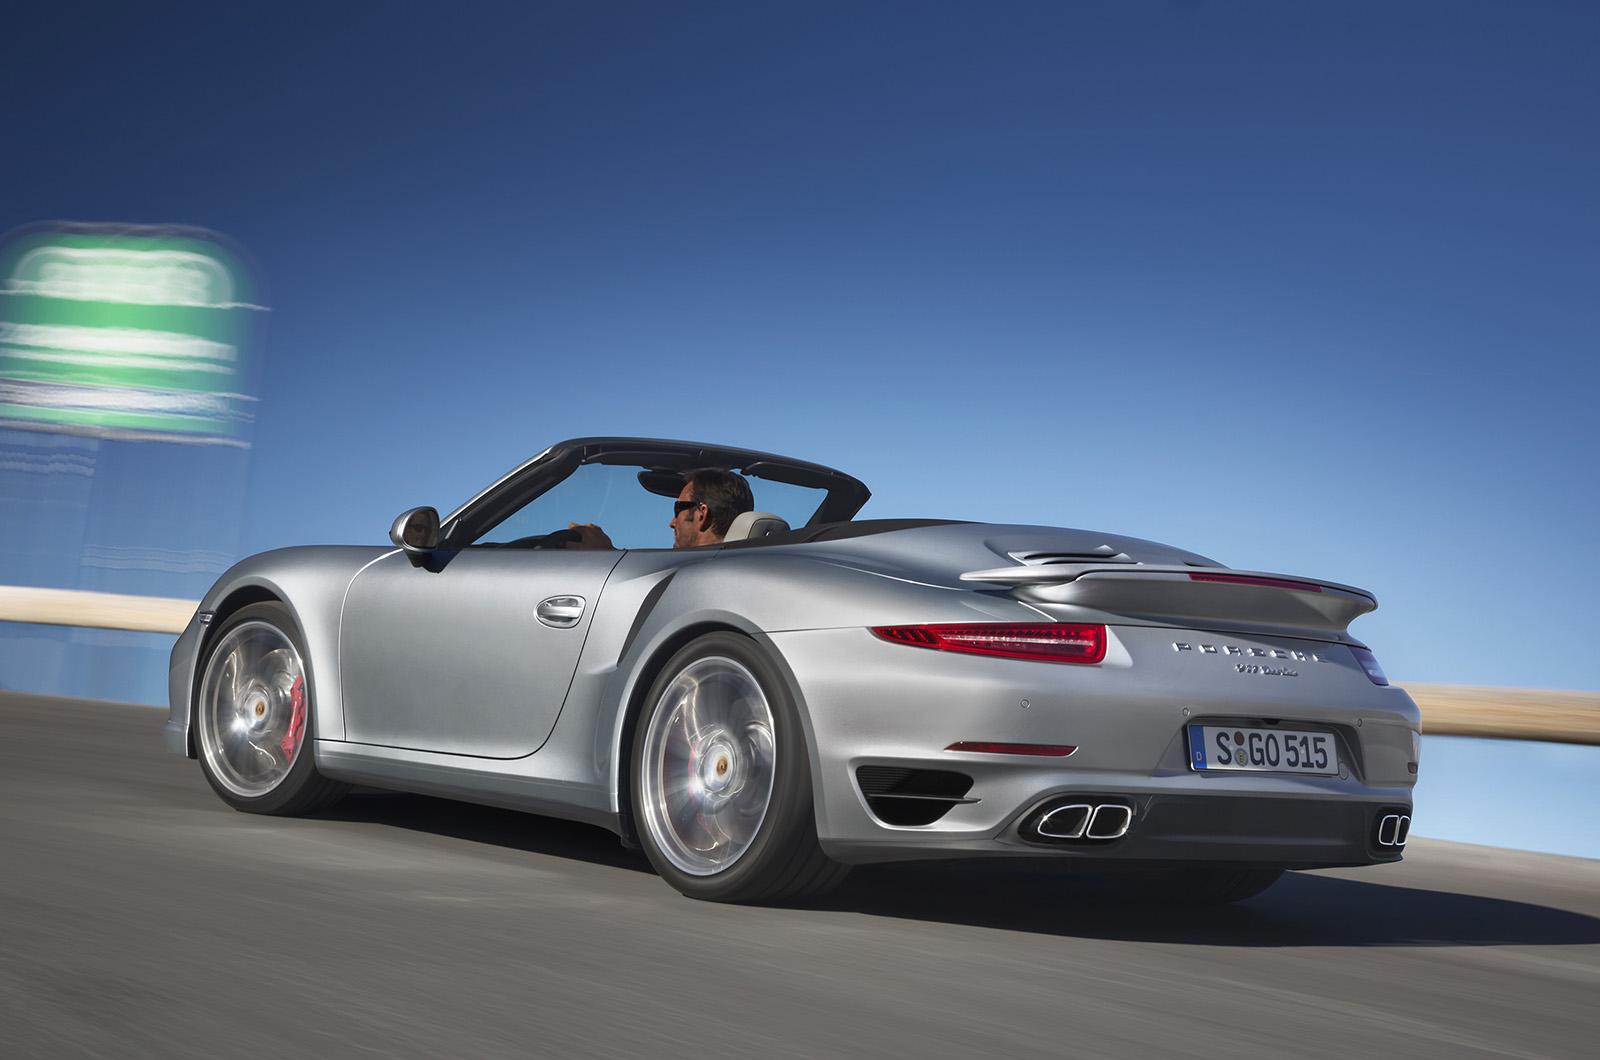 Porsche 911 Turbo Cabrio y 911 Turbo S Cabrio, máxima deportividad a cielo abierto